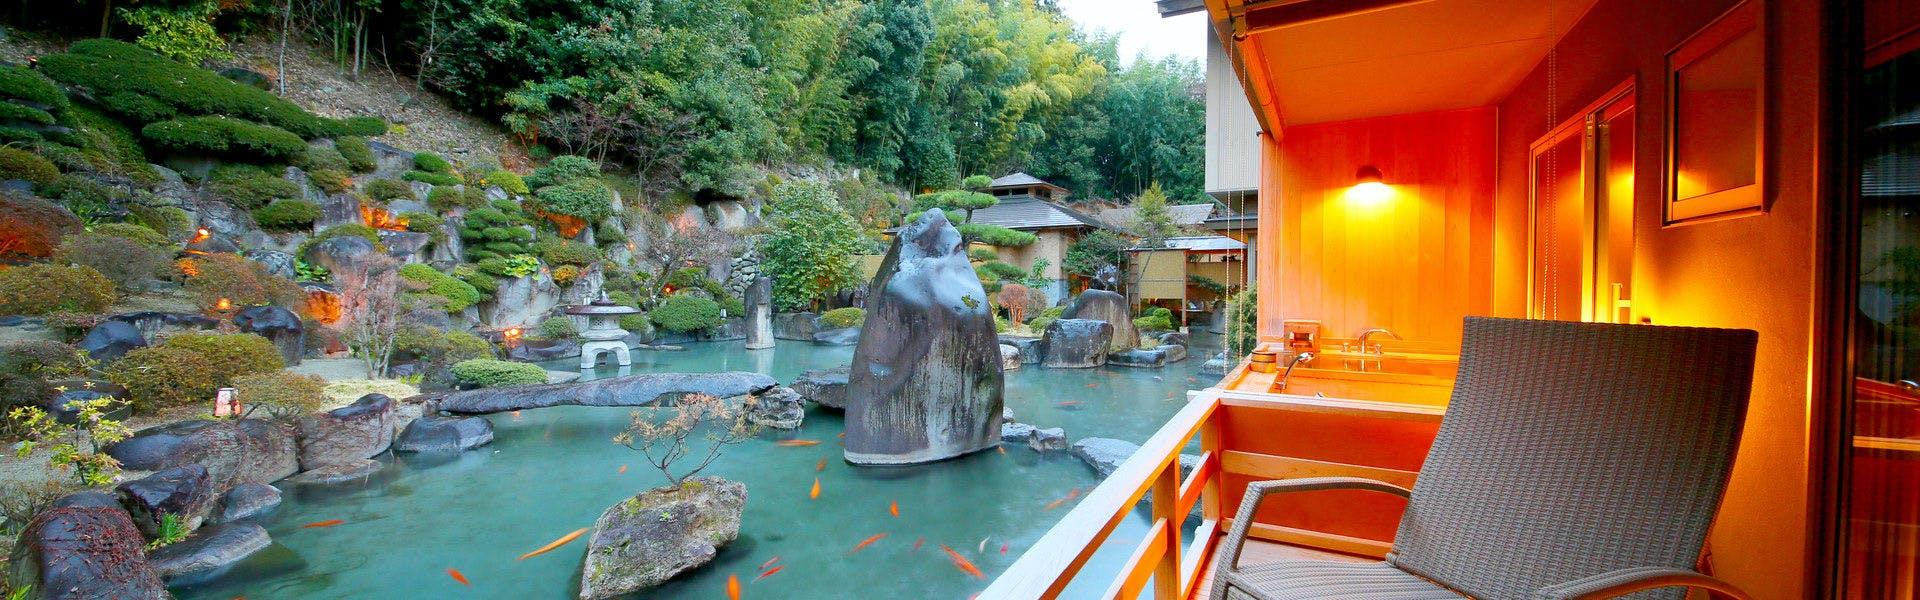 記念日におすすめのホテル・笛吹川温泉 坐忘の写真1